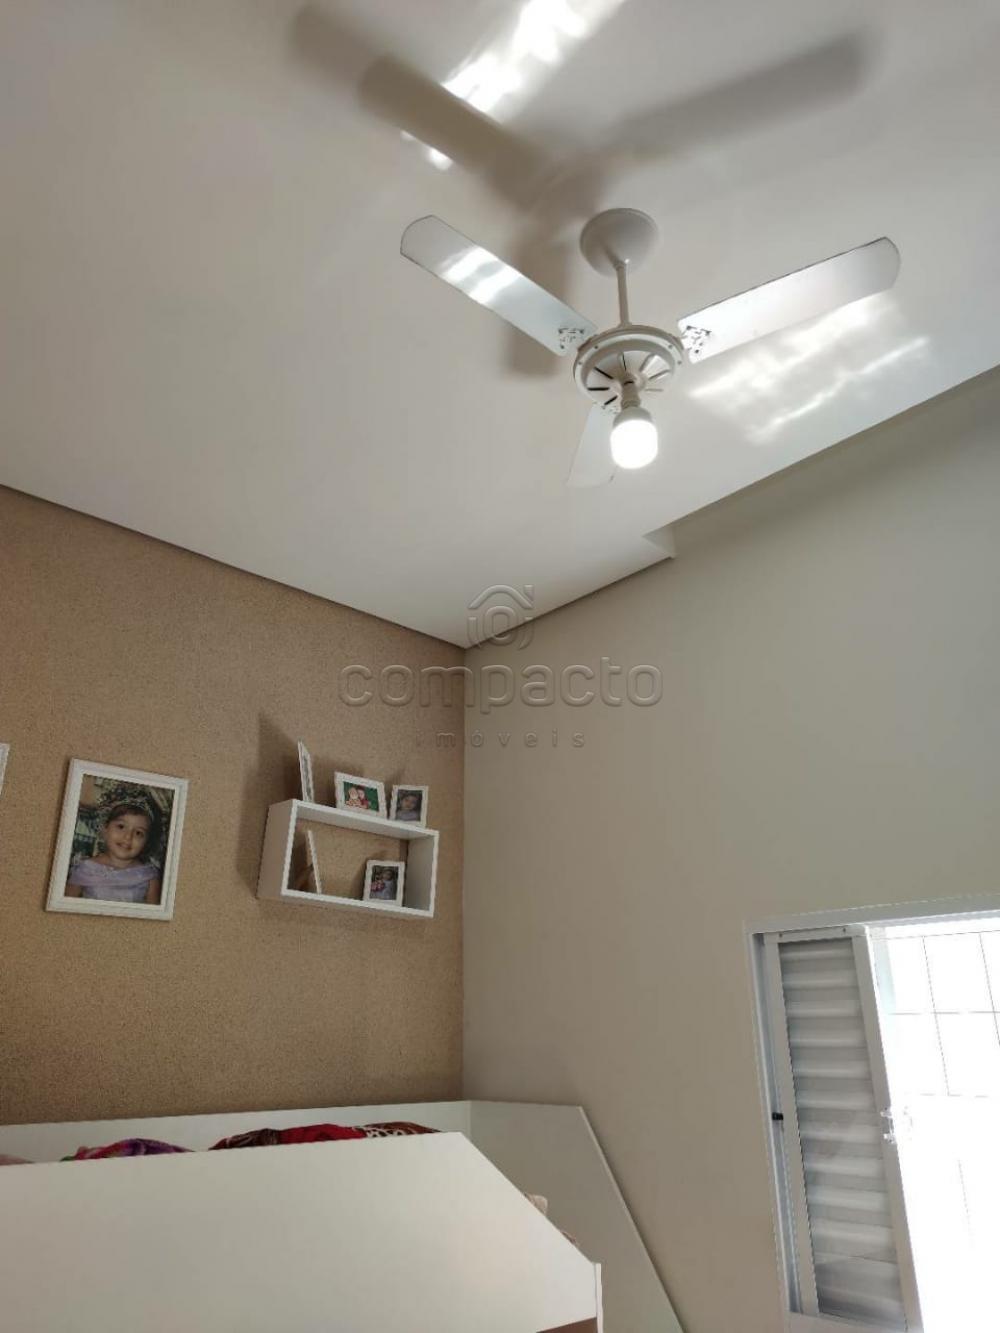 Comprar Casa / Padrão em Mirassol apenas R$ 350.000,00 - Foto 10